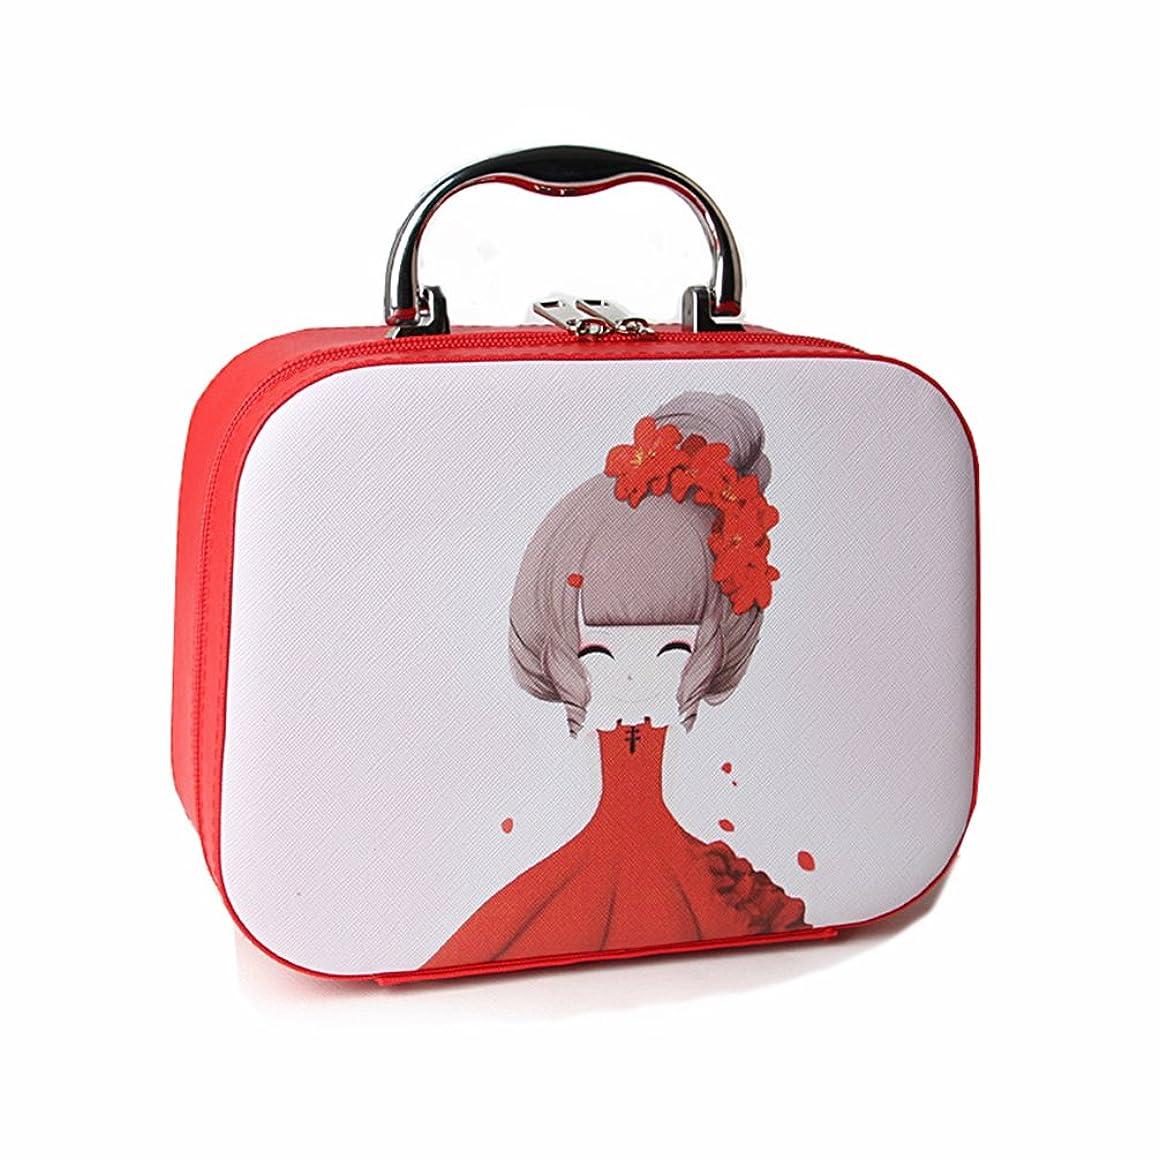 区チェリーエラーメイクボックス コスメボックス コスメBOX 大容量 化粧品 収納ボックス 化粧ポーチ メイクポーチ 携帯便利 かわいい 少女 猫 女性用 女の子 ミラー付き 取っ手付き おしゃれ 鏡付き 機能的 防水 化粧箱